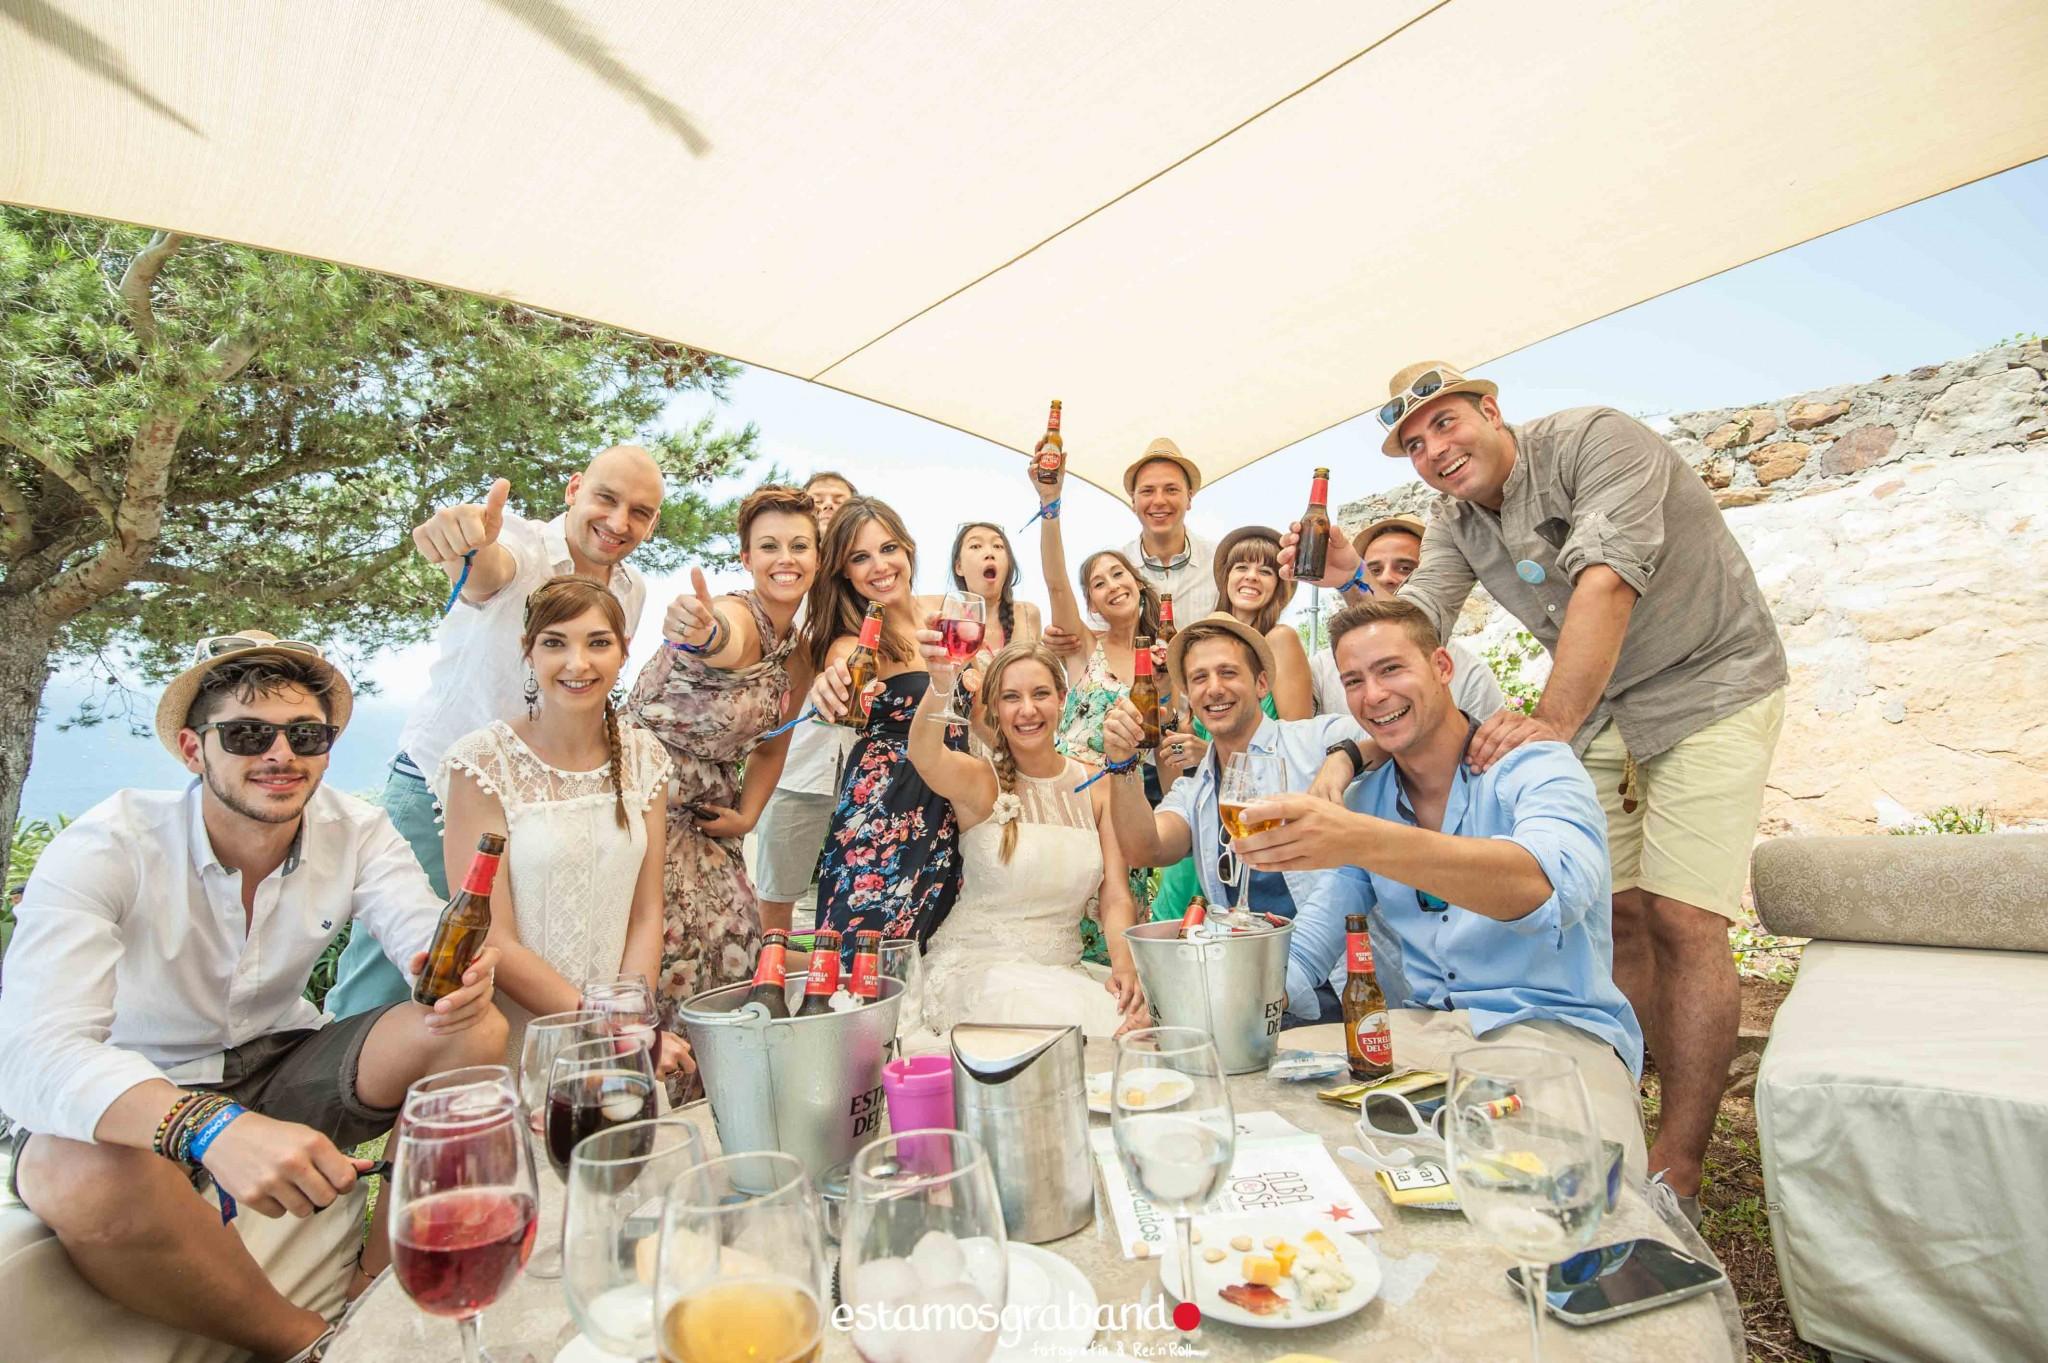 Alba-y-Jose-BTTW-6 Los invitados de Alba & Jose [Back to the wedding_Atlanterra, Zahara de los Atunes] - video boda cadiz